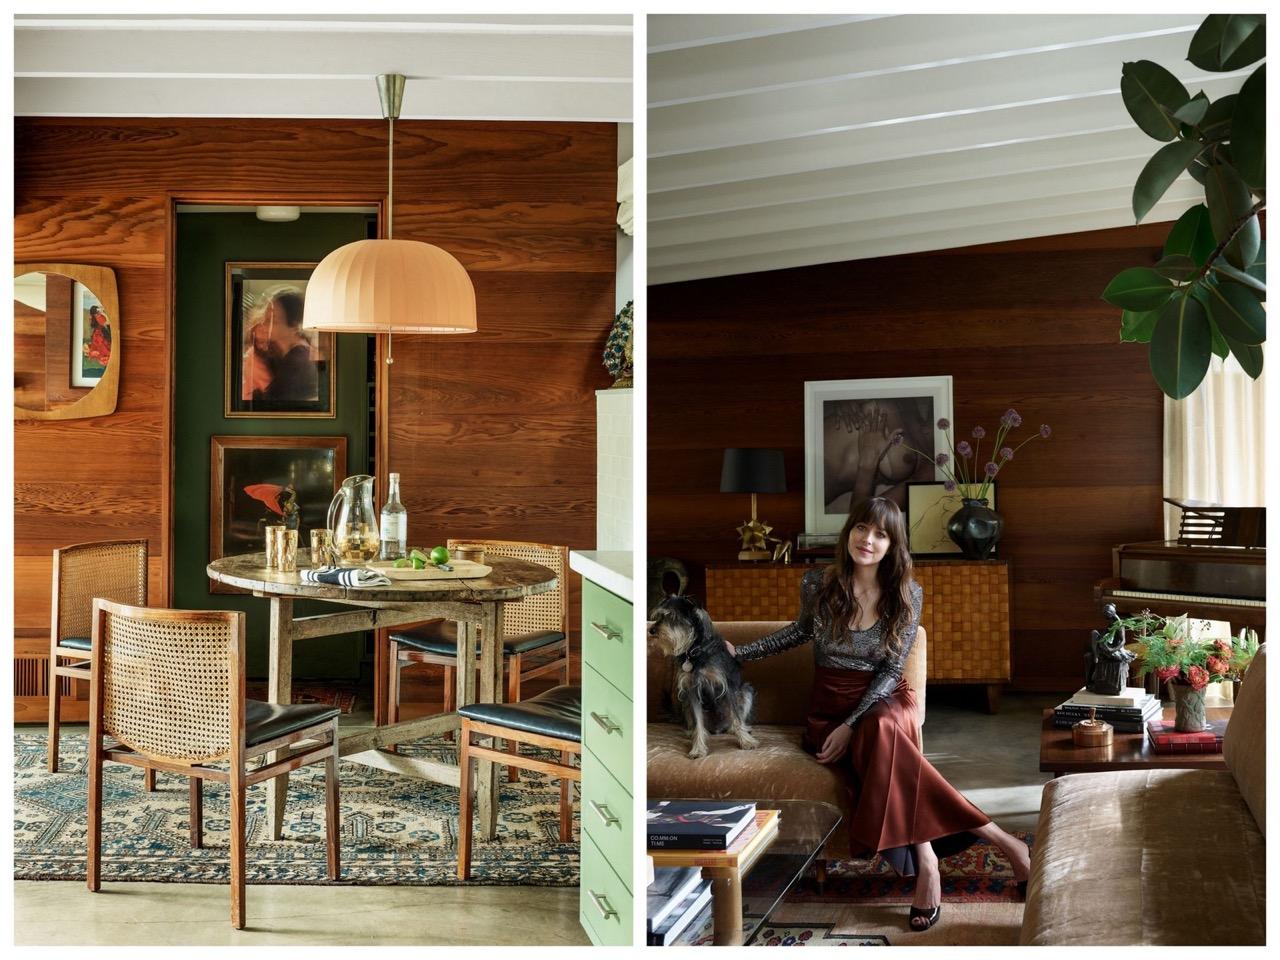 dakota johnson,los angeles,mid century,vintage,actrice,déco,décoration,architectural digest,ad